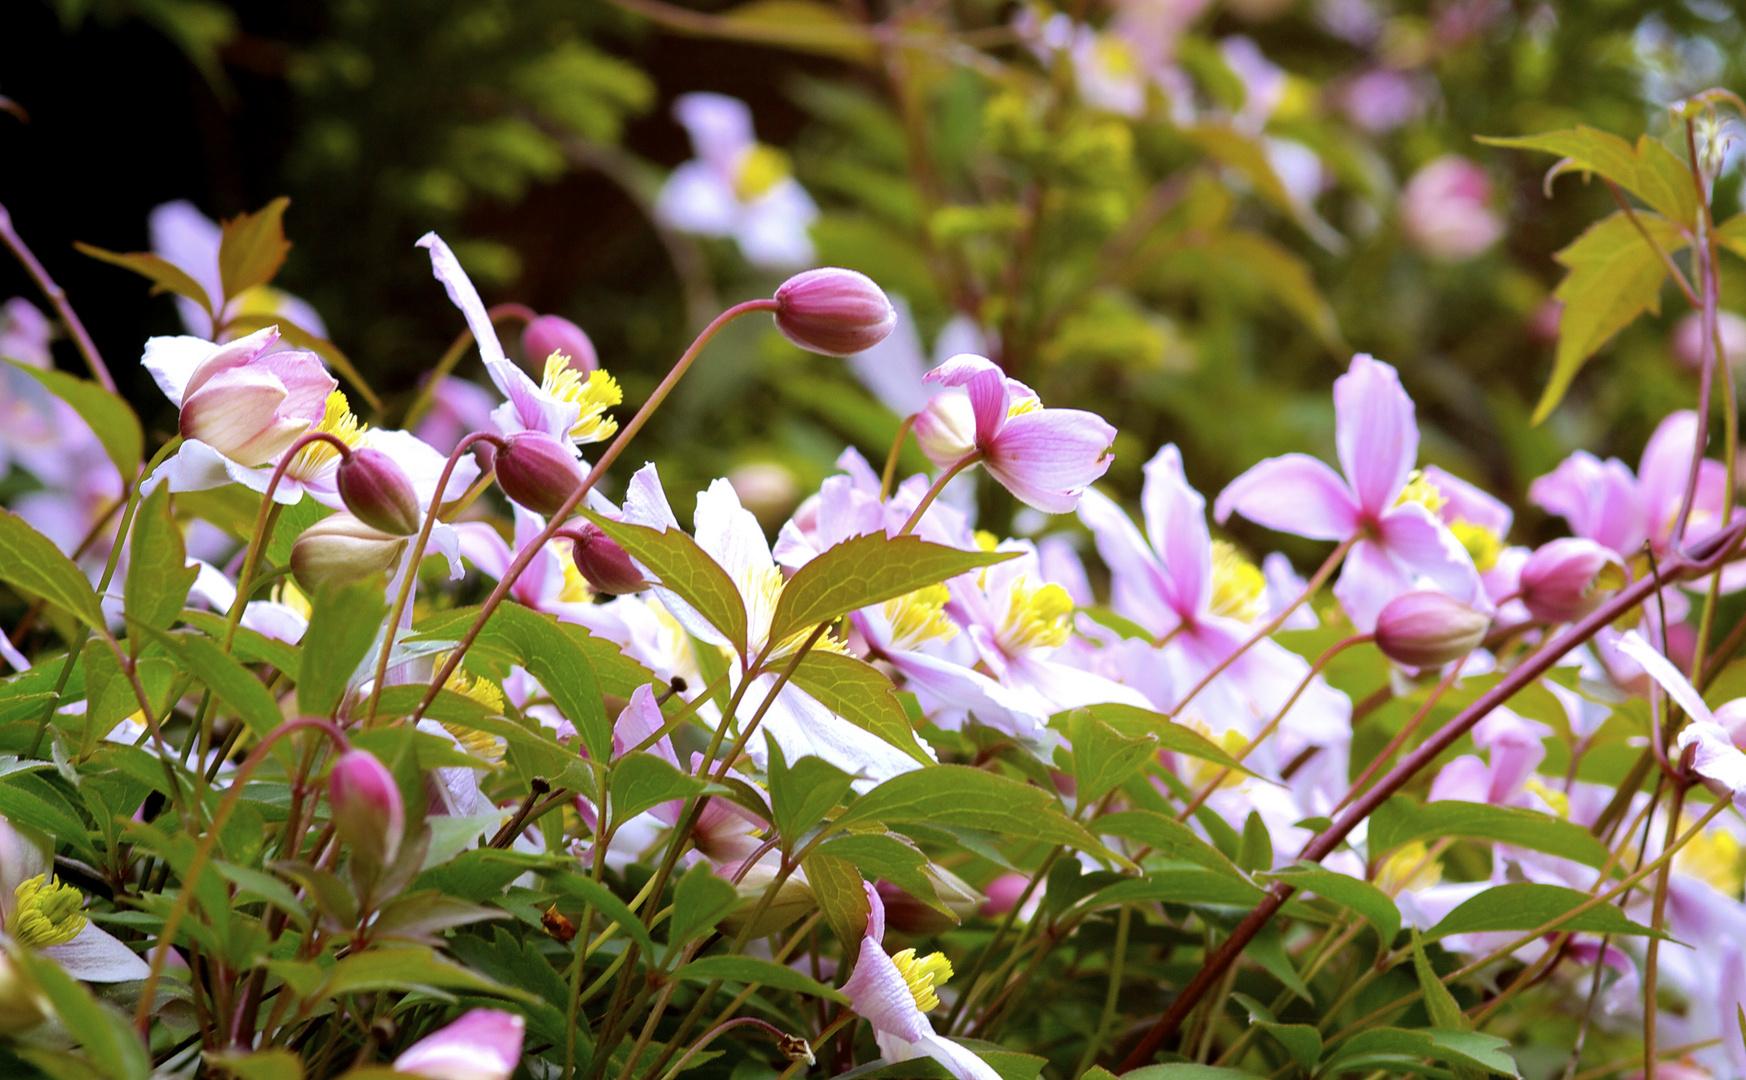 Clematisblüten und Knospen